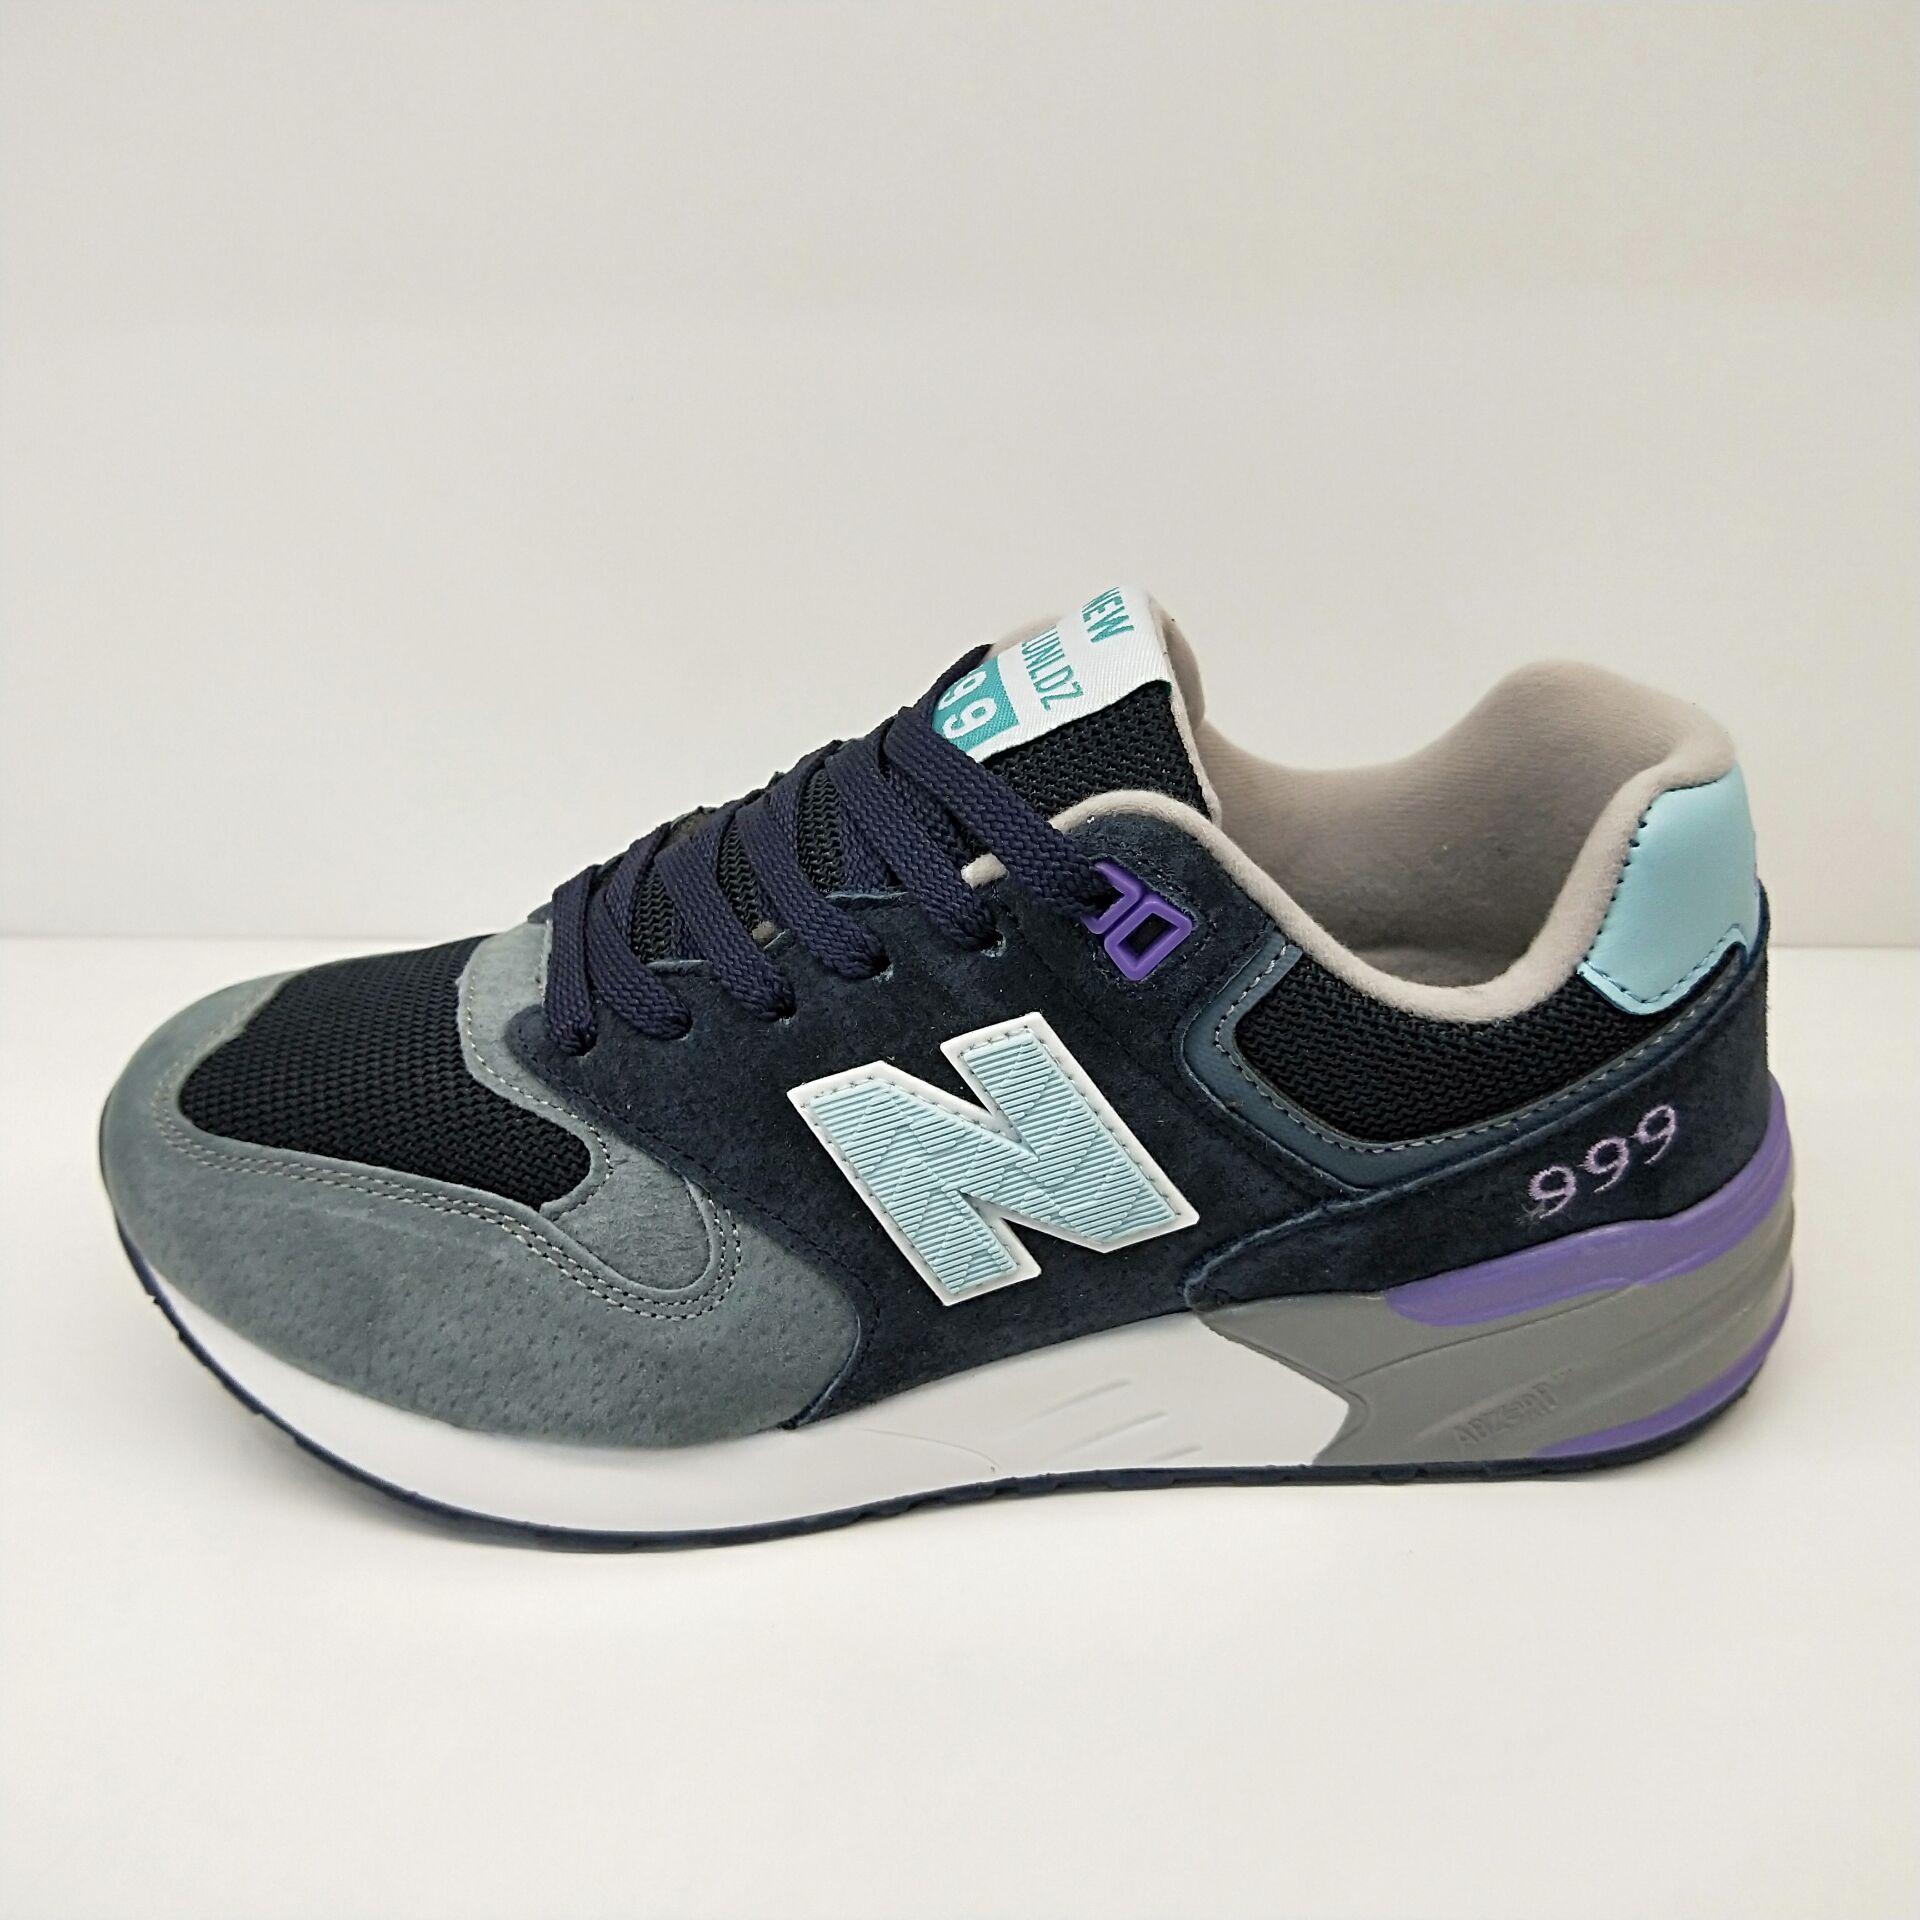 新百伦的鞋大底都是采用橡胶大底 - 阿里巴巴商友圈